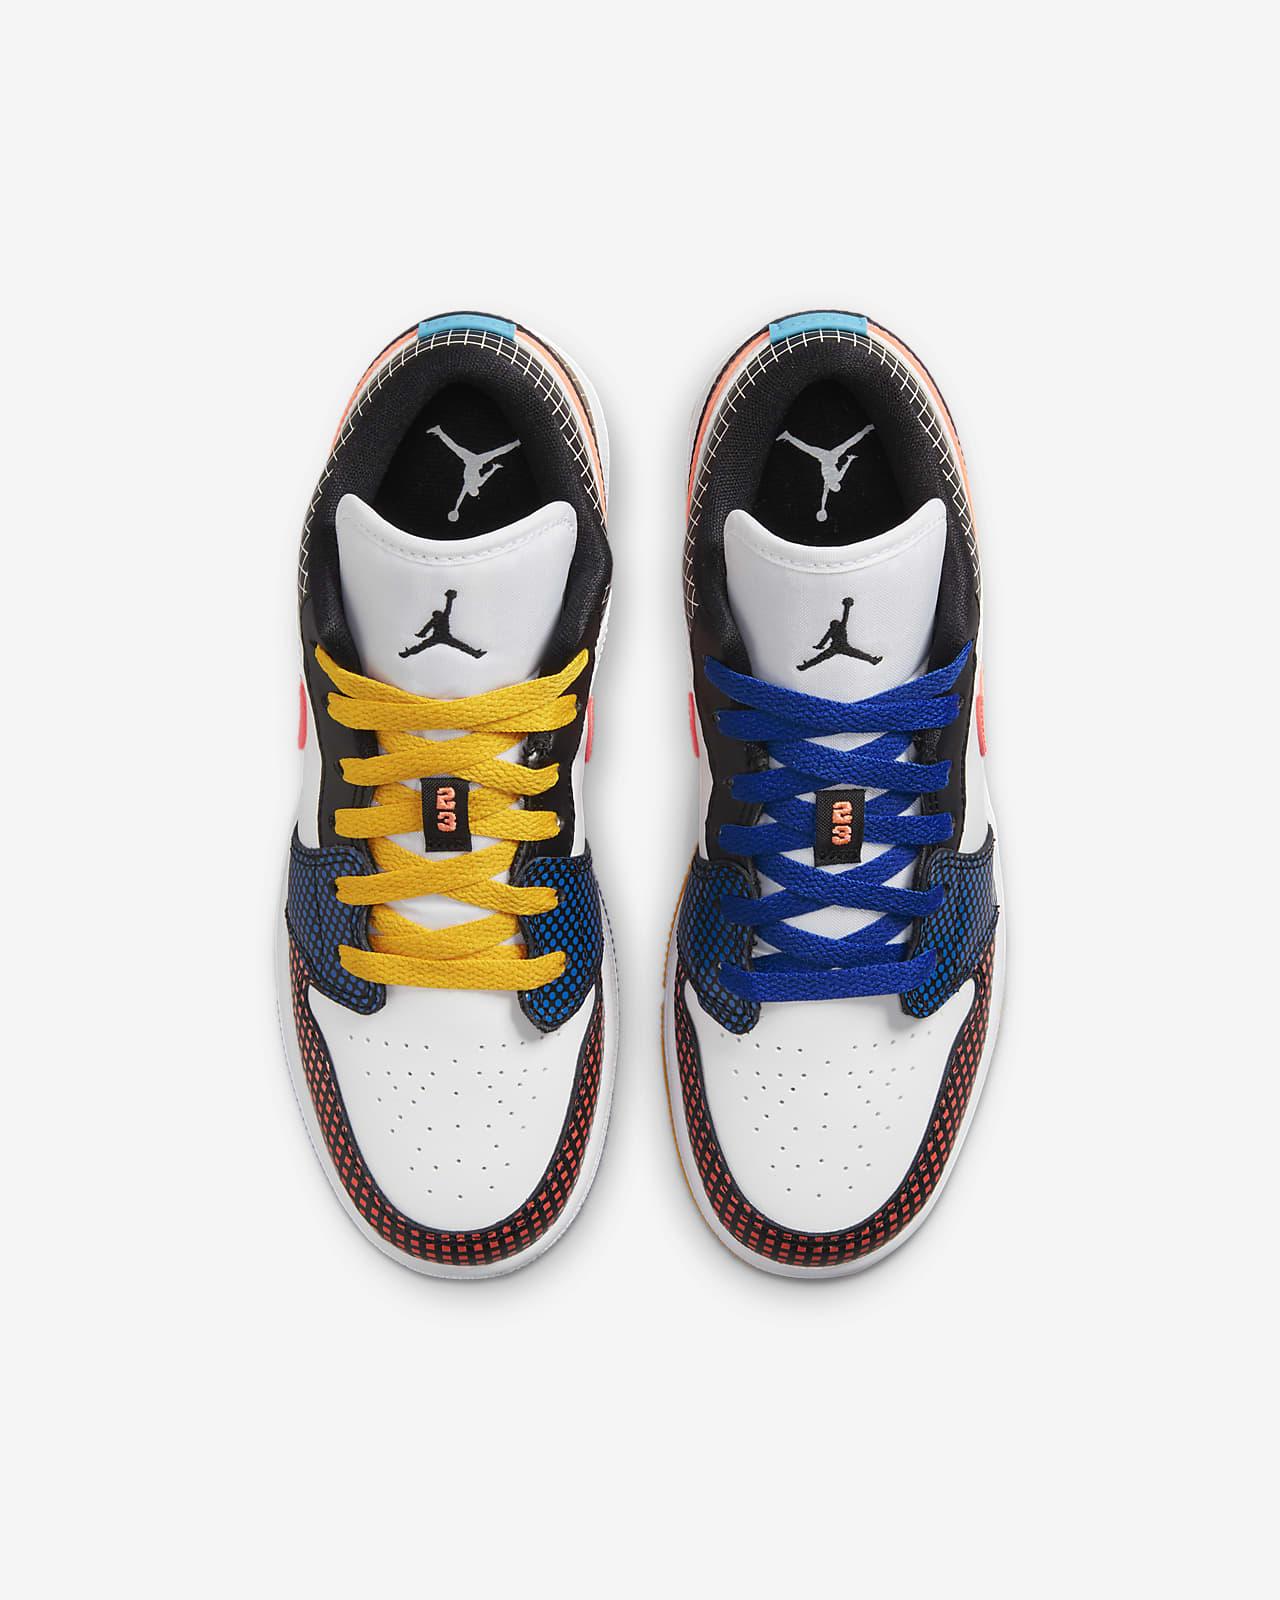 Chaussure Air Jordan 1 Low MMD pour Enfant plus âgé. Nike LU